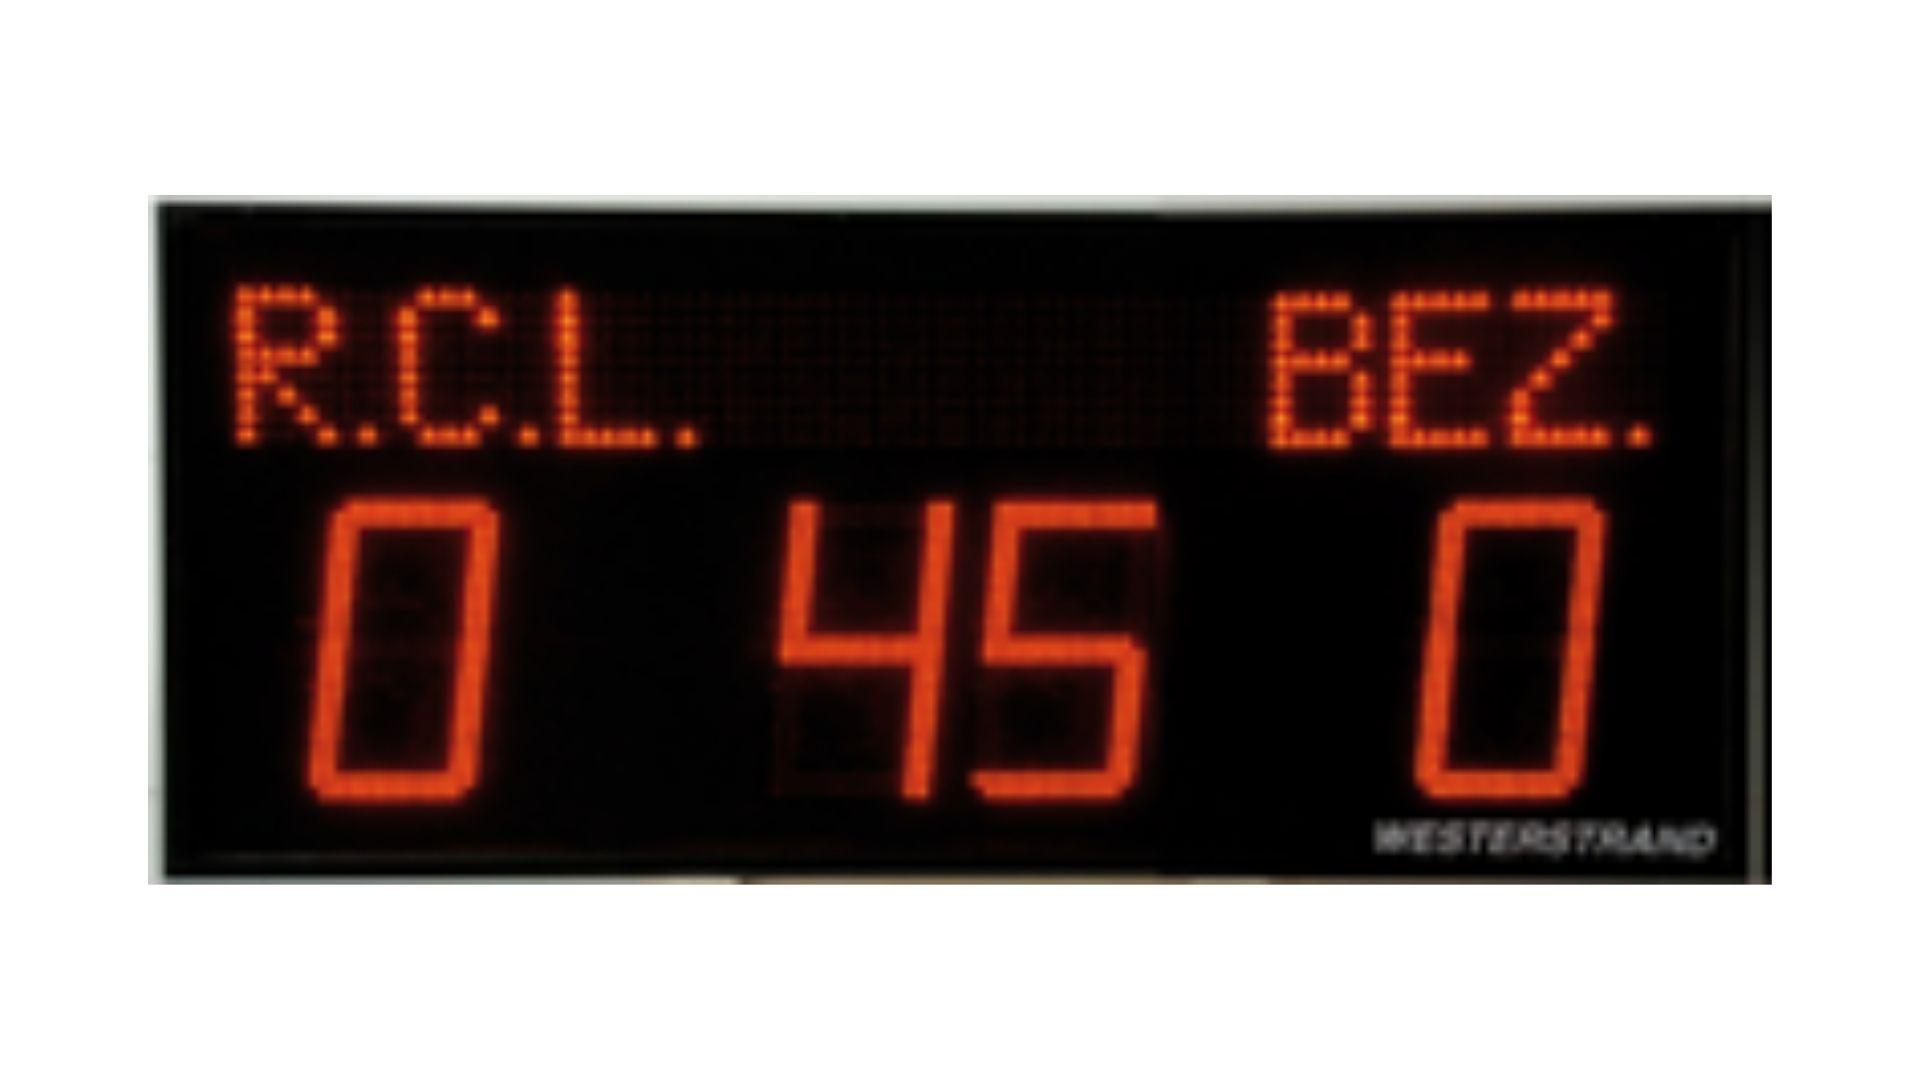 scorebord met lichtkrant en minuut-aanduiding